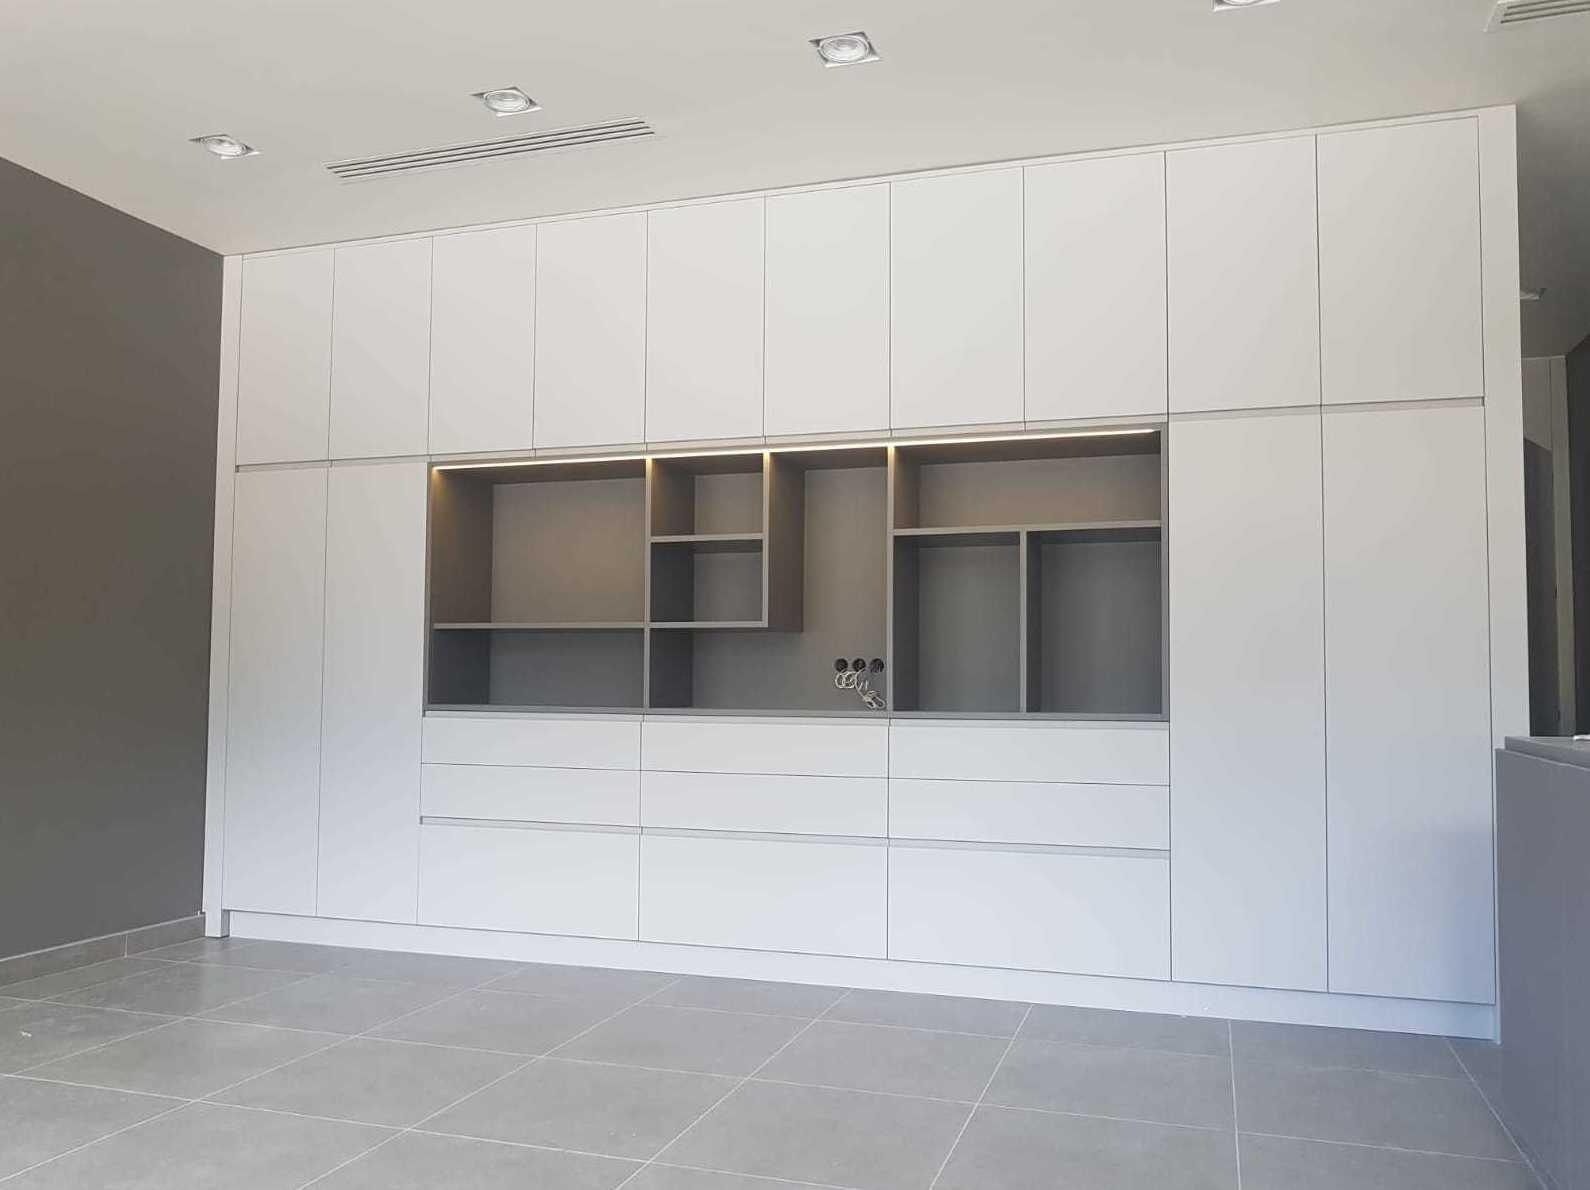 Foto 8 de Muebles de cocina y baño en | Cocinas Callejo Tenllado